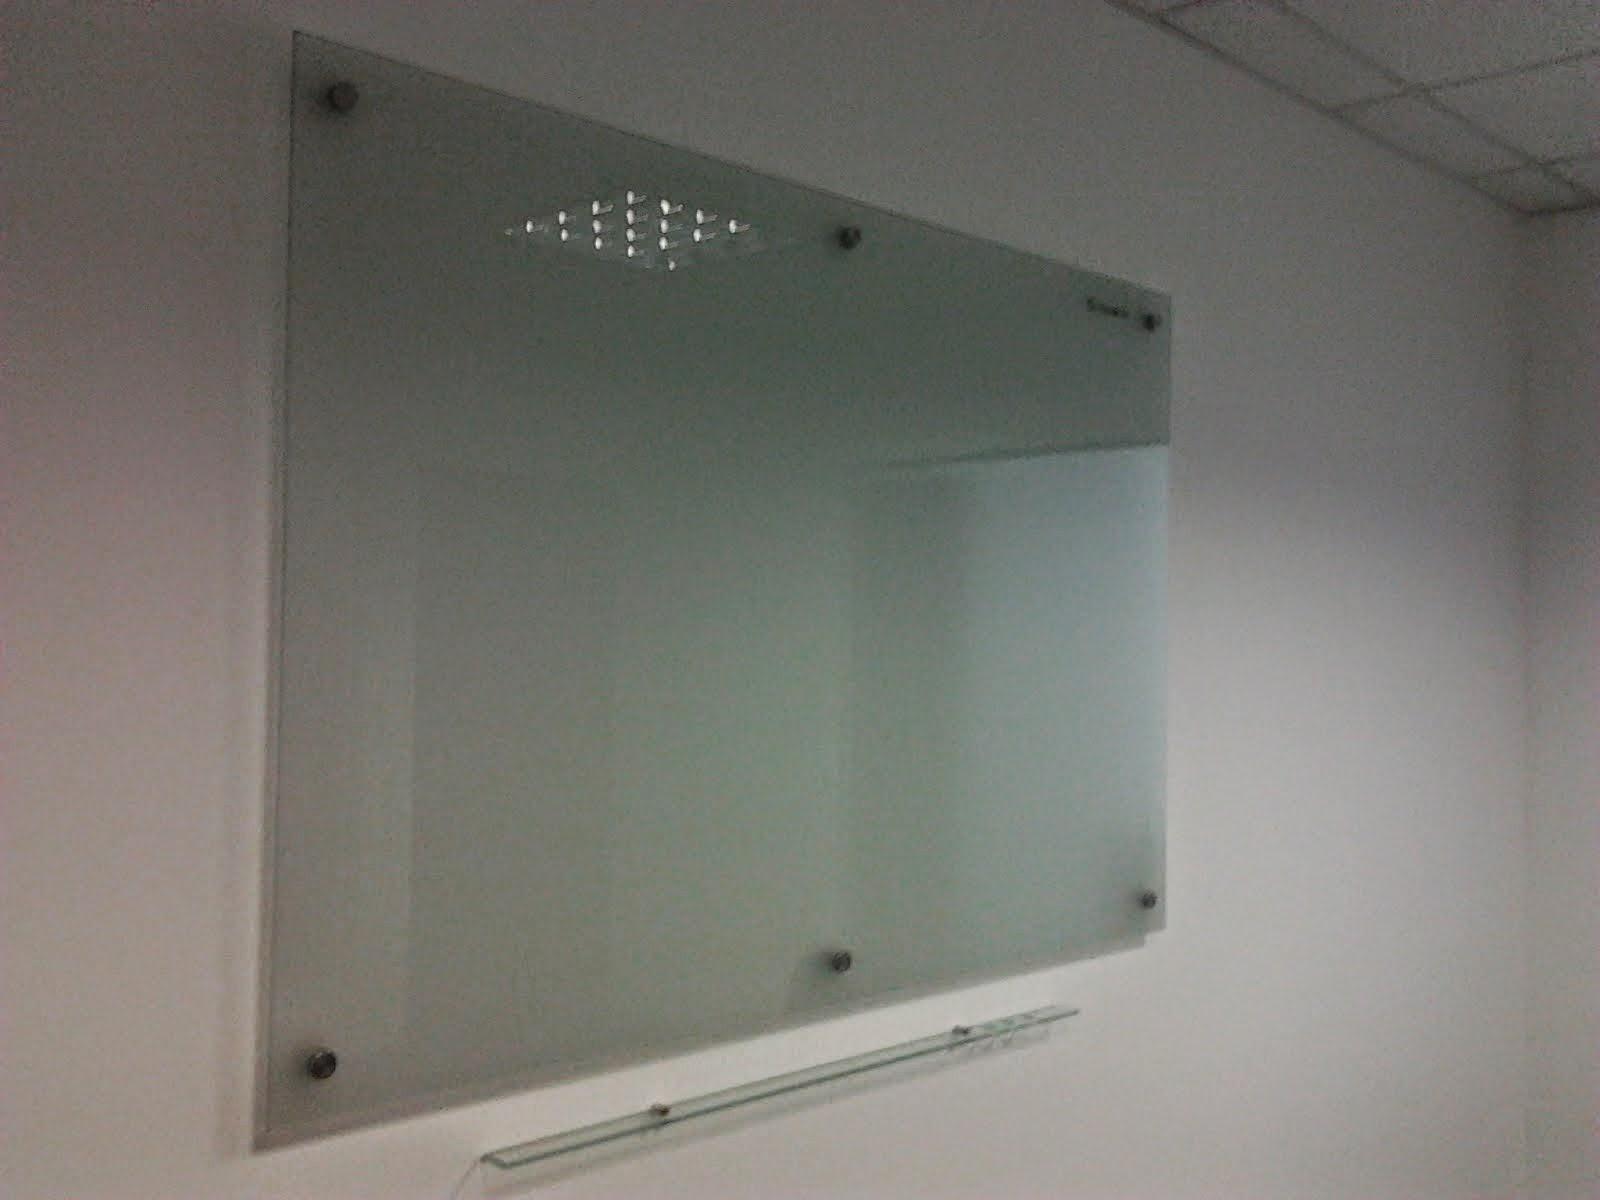 Vka publicidad s a c pizarra en vidrio de cristal - Pared de vidrio ...